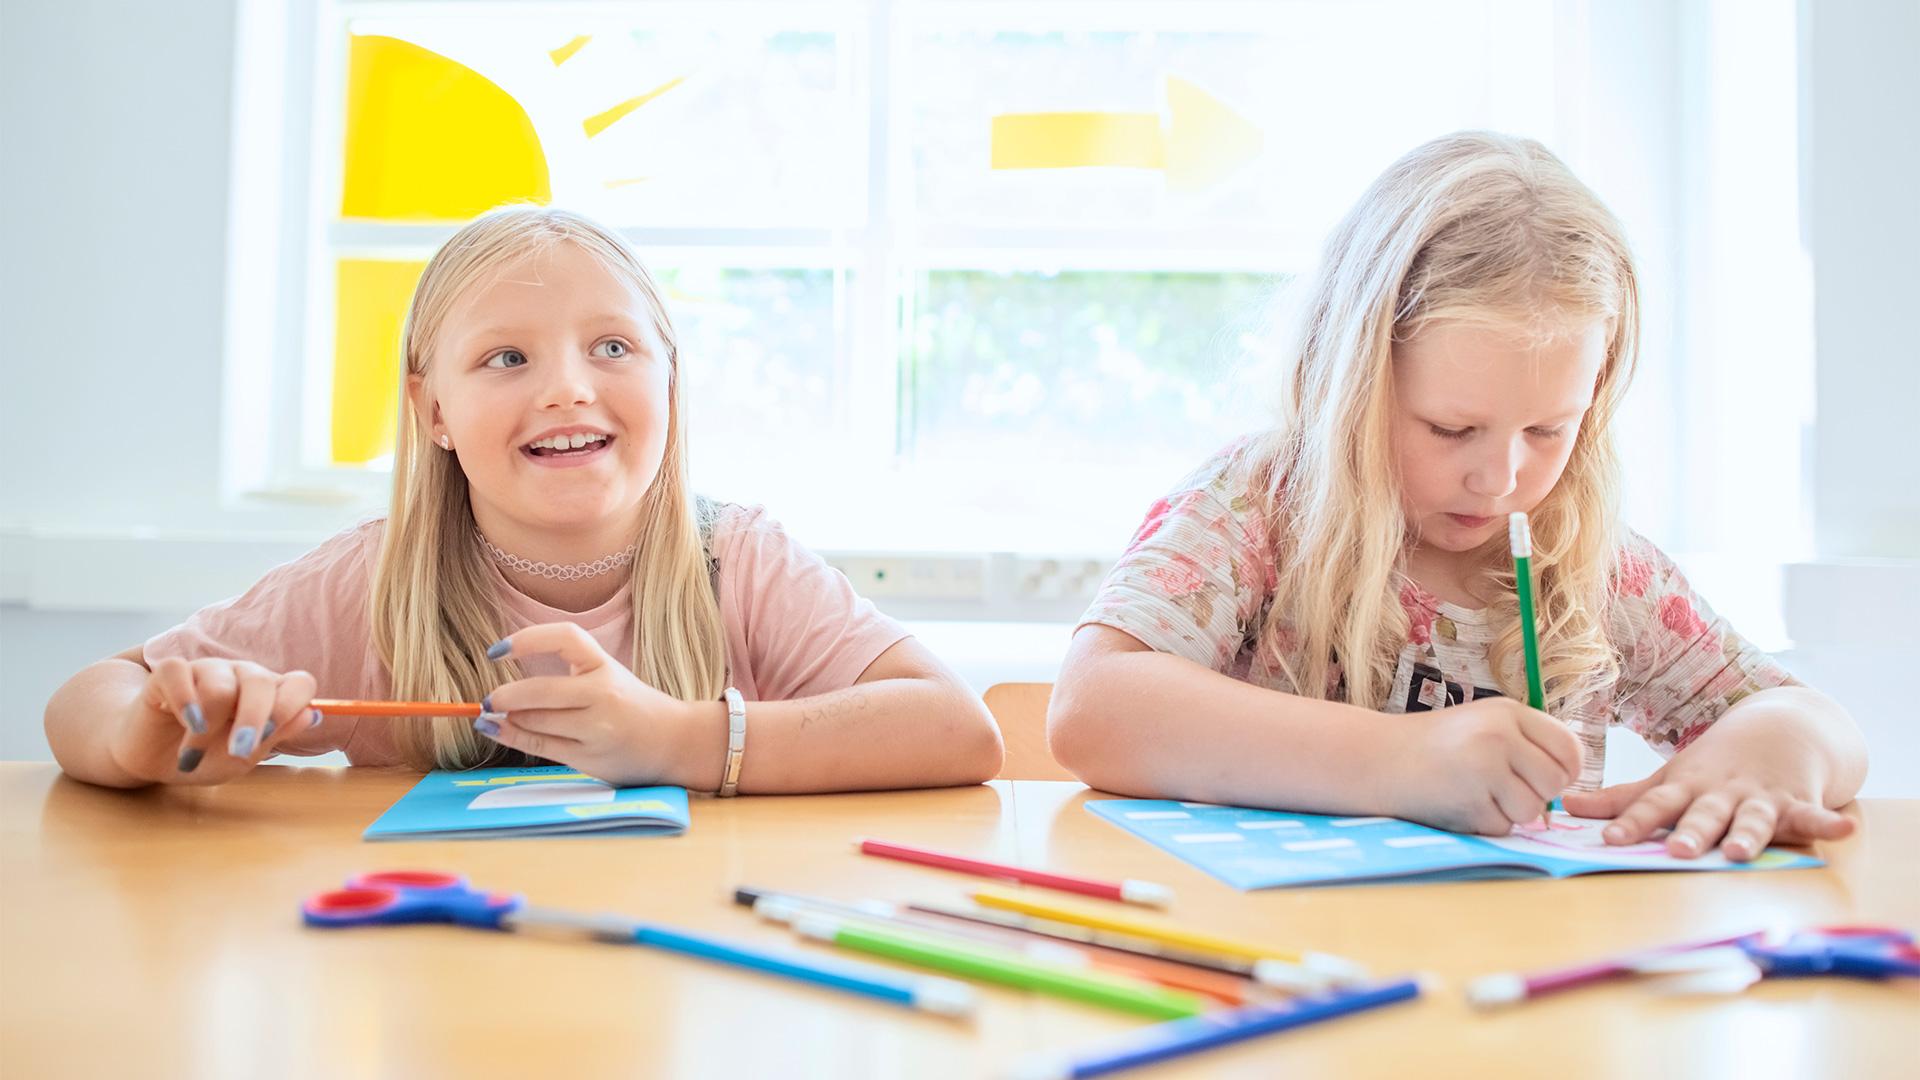 Kaksi alakoululaistyttöä piirtää pöydän ääressä ikkunan edessä värikynillä Aikaseikkailu-vihkoon.